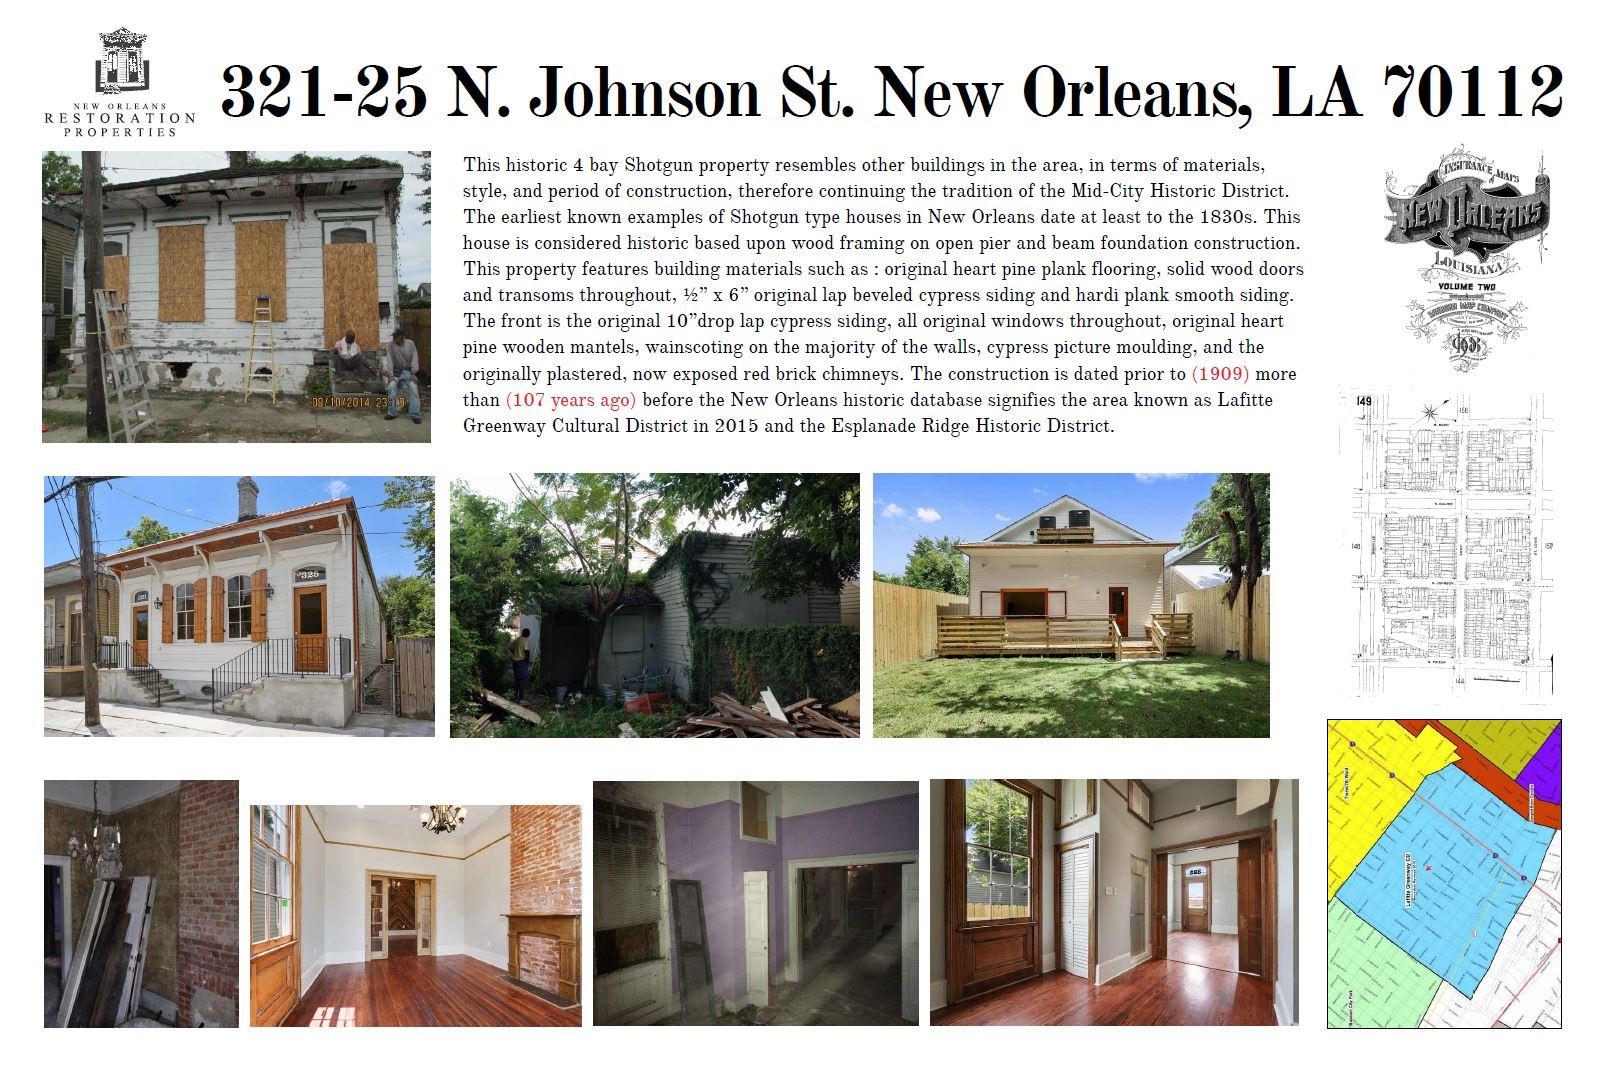 321 N Johnson St Property Restoration